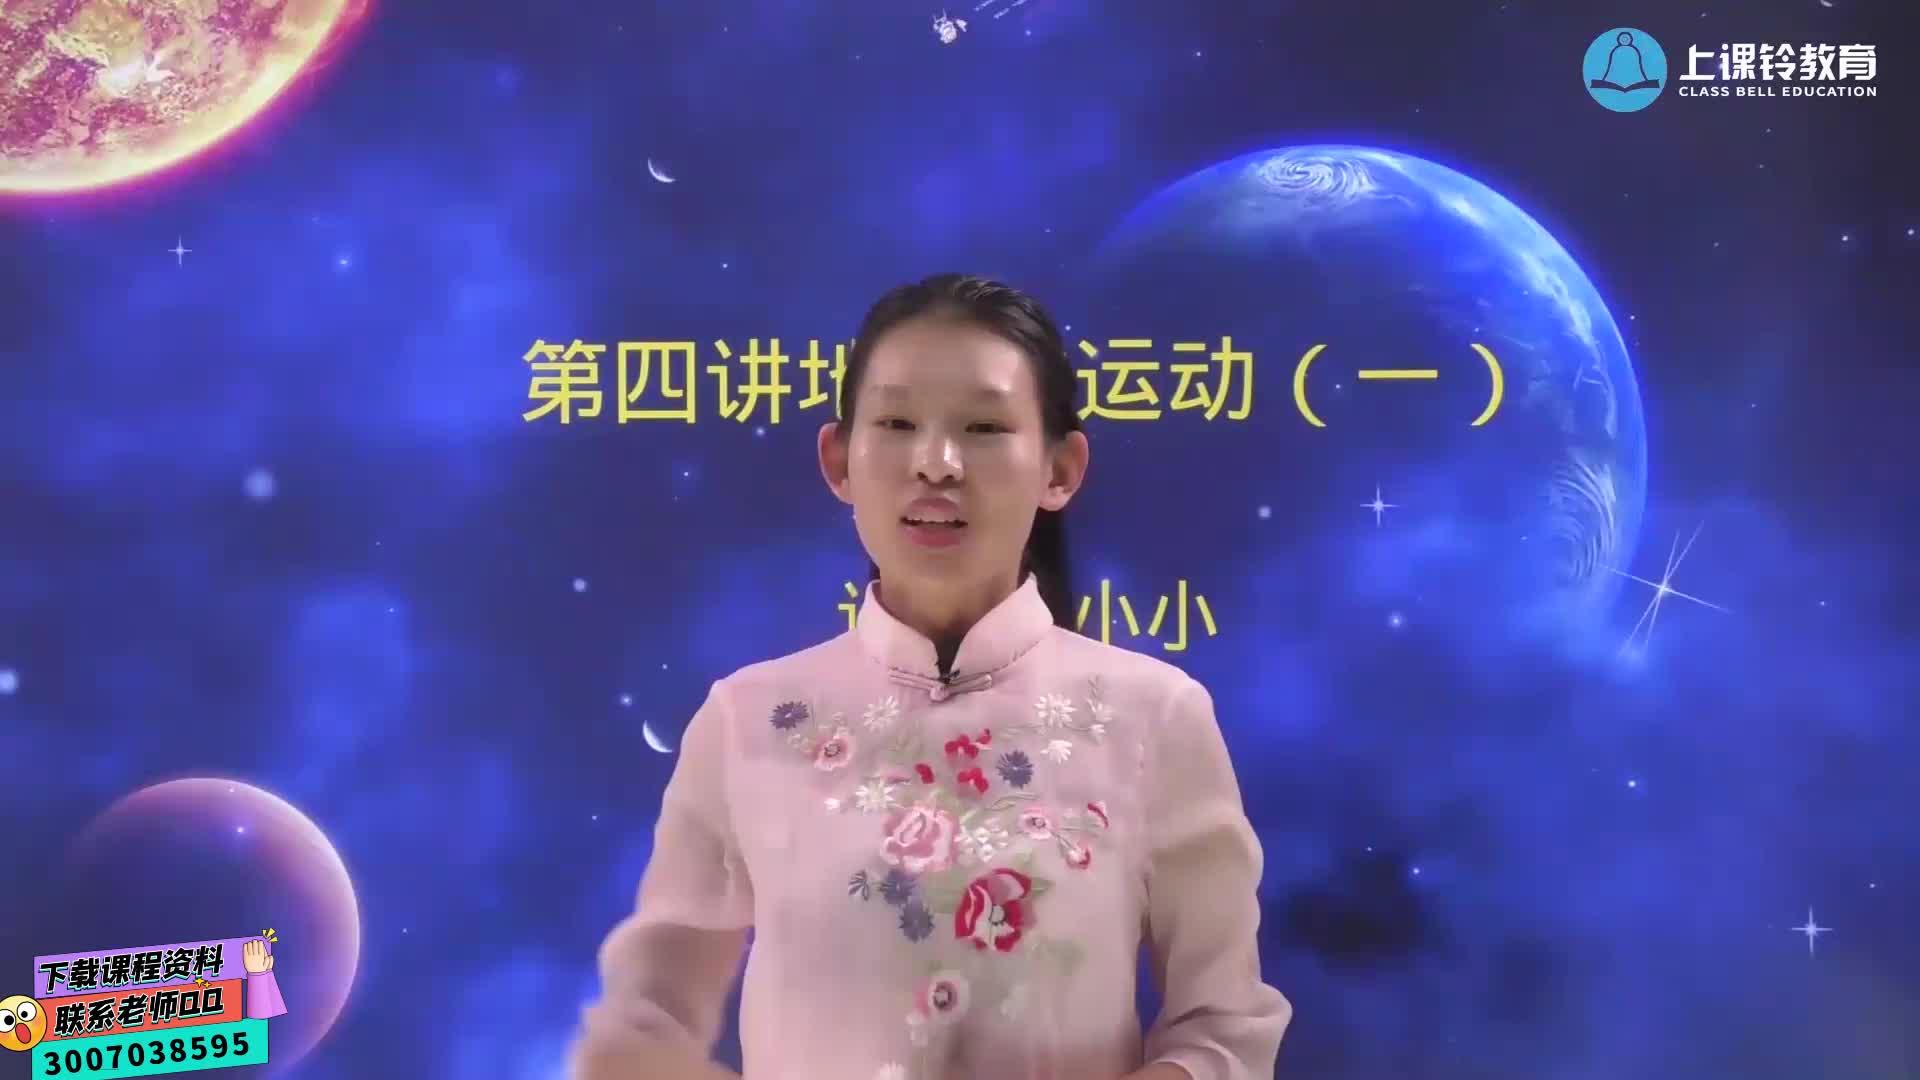 行星地球 05 -地球的运动(一)-【上课铃教育】高中地理高考二轮复习微课视频